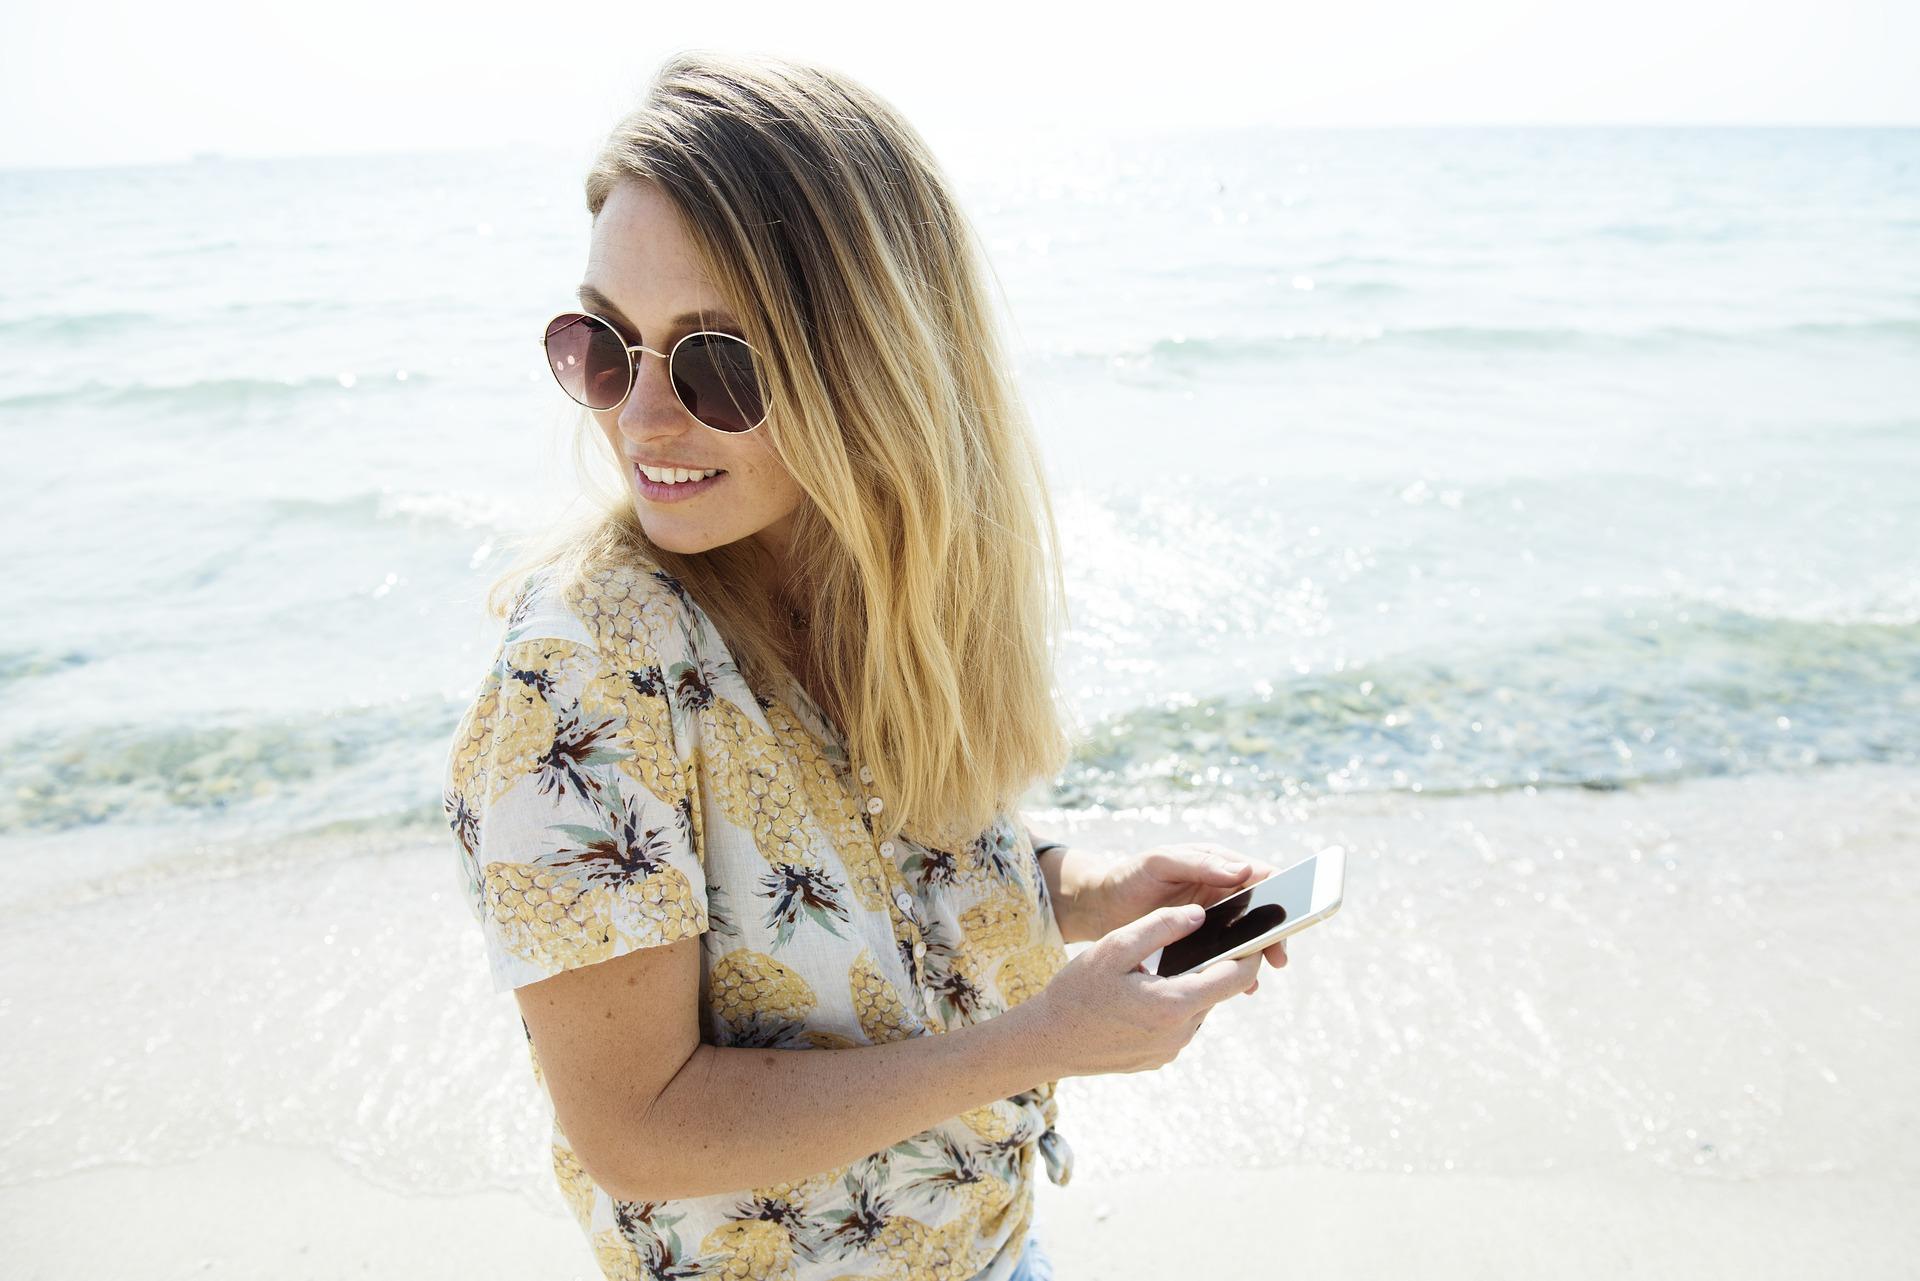 UV Schutz und Qualität der Sonnenbrillen am Straßenhandel ist nicht empfehlenswert